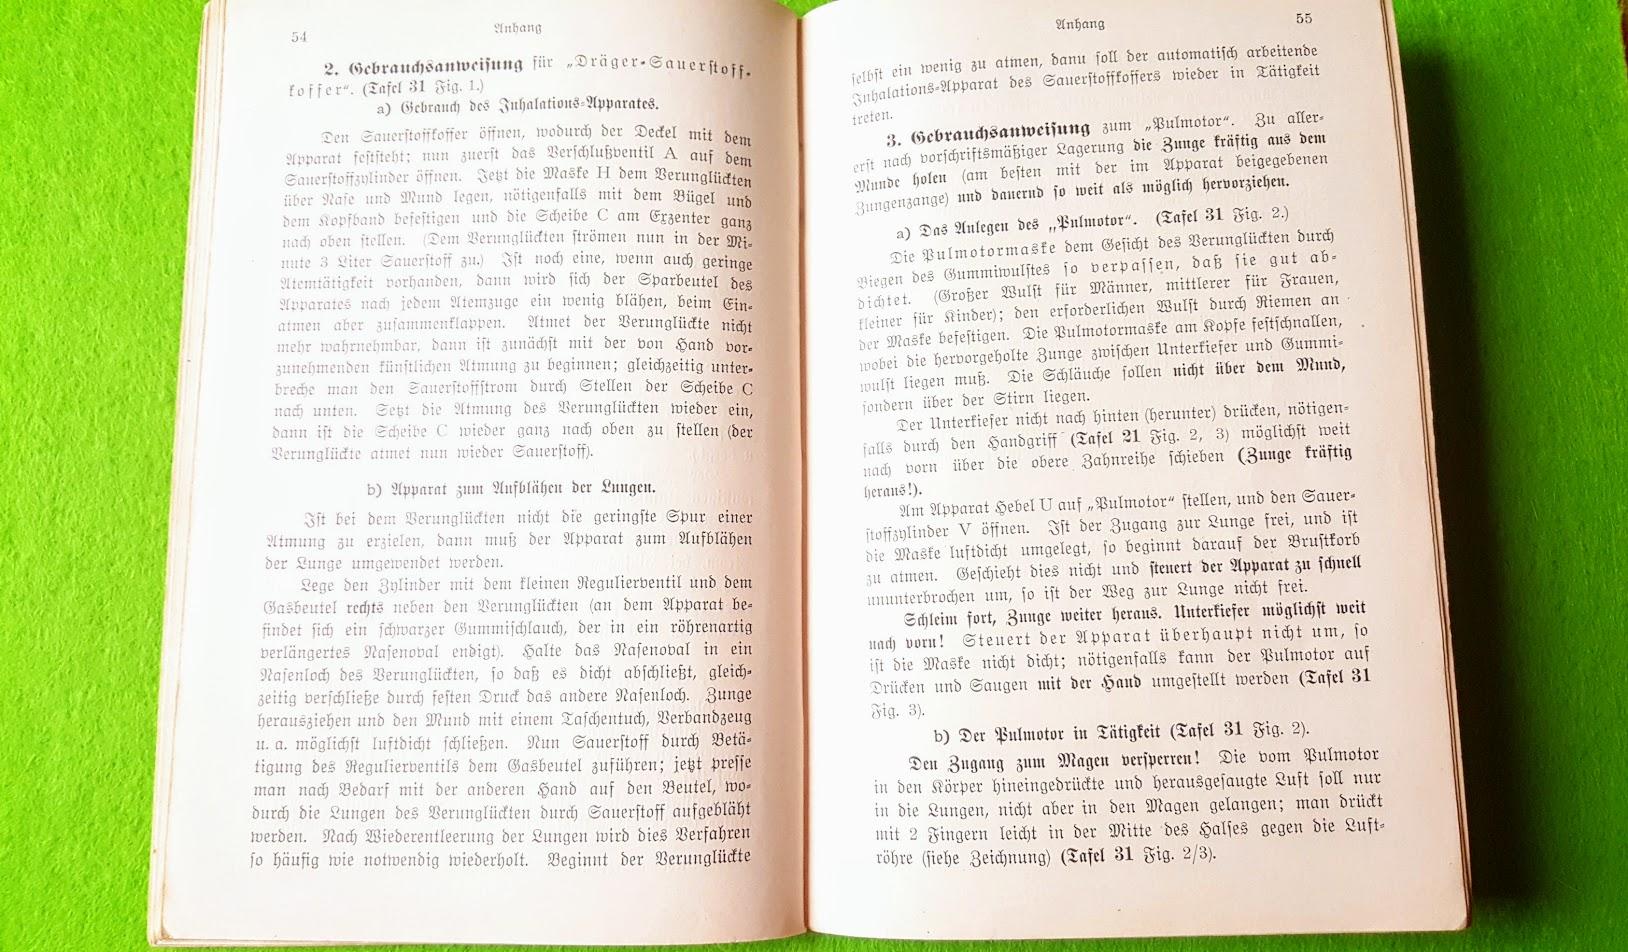 Erste Hilfe bei Unglücksfällen – Der Samariter – 1914 - I. Der Leitfaden